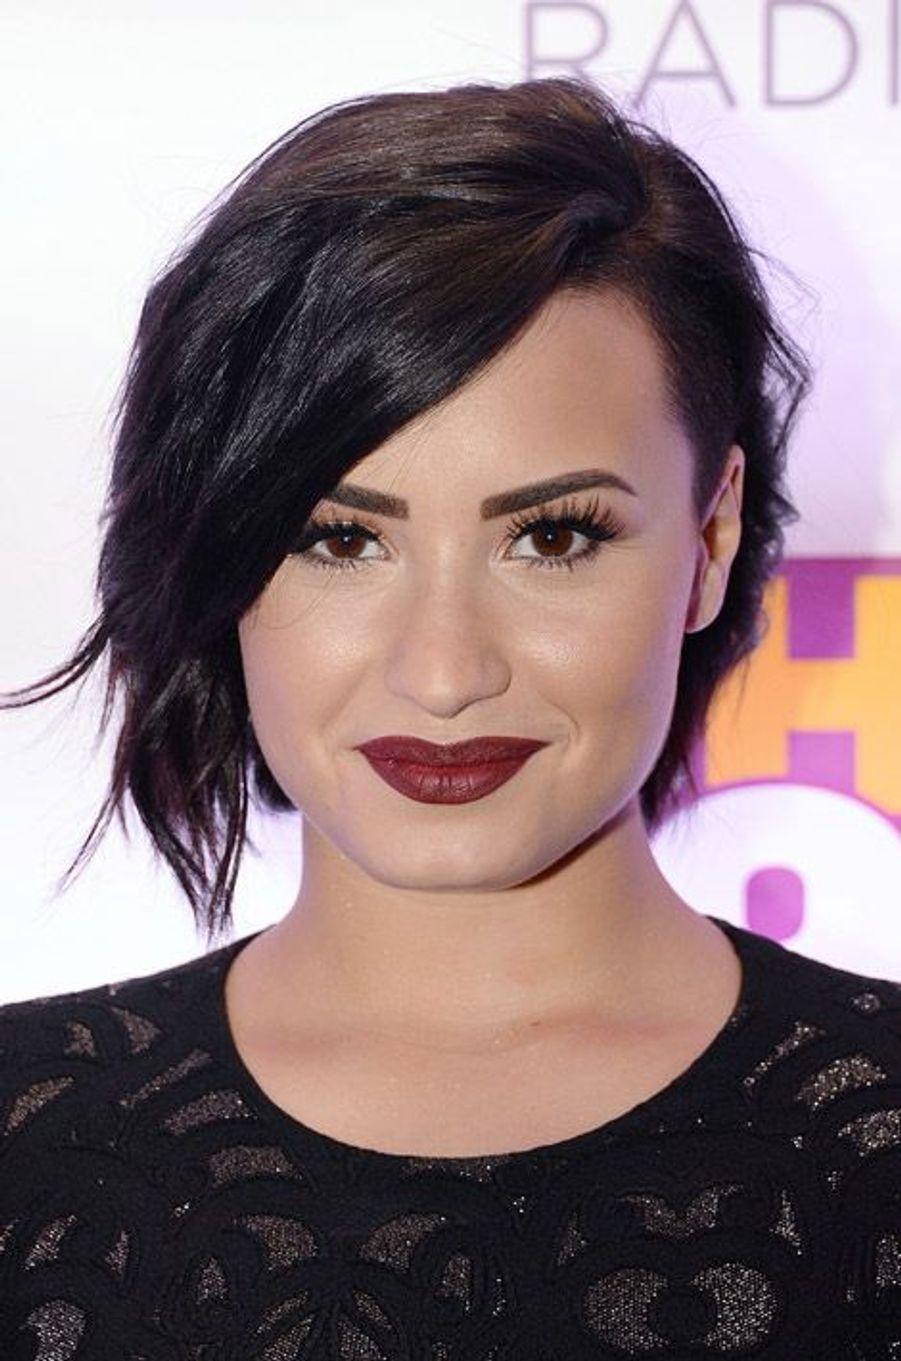 La chanteuse Demi Lovato et son carré court déstructuré